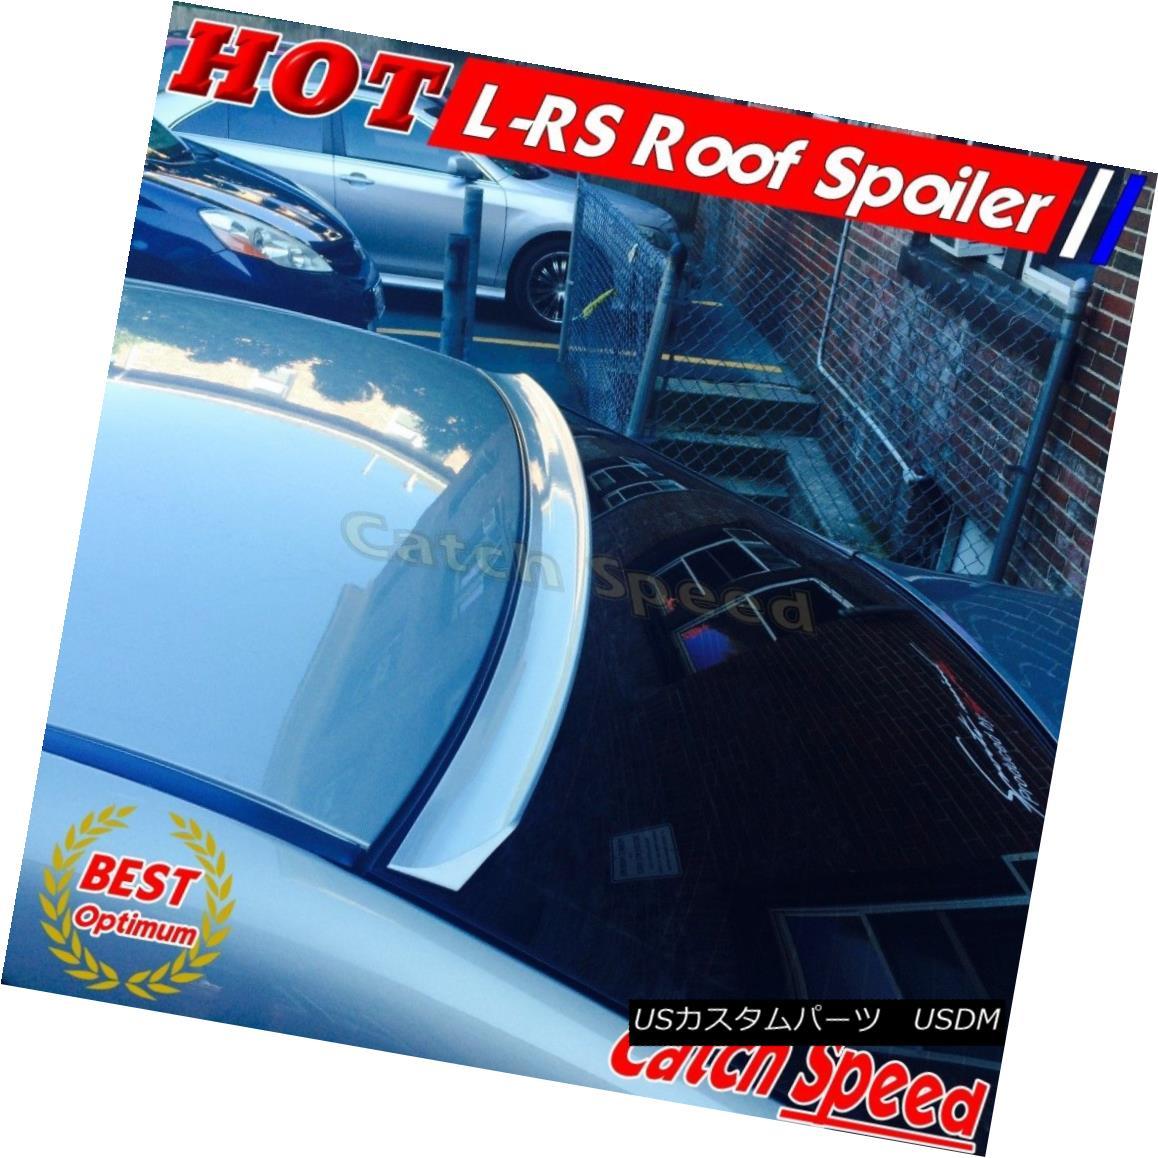 エアロパーツ Painted LRS Rear Window Roof Spoiler For 7-series BMW G11 G12 Sedan 2016~17 ? 7シリーズBMW G11 G12セダン2016?17用のLRSリアウィンドウルーフスポイラーを塗装しましたか?